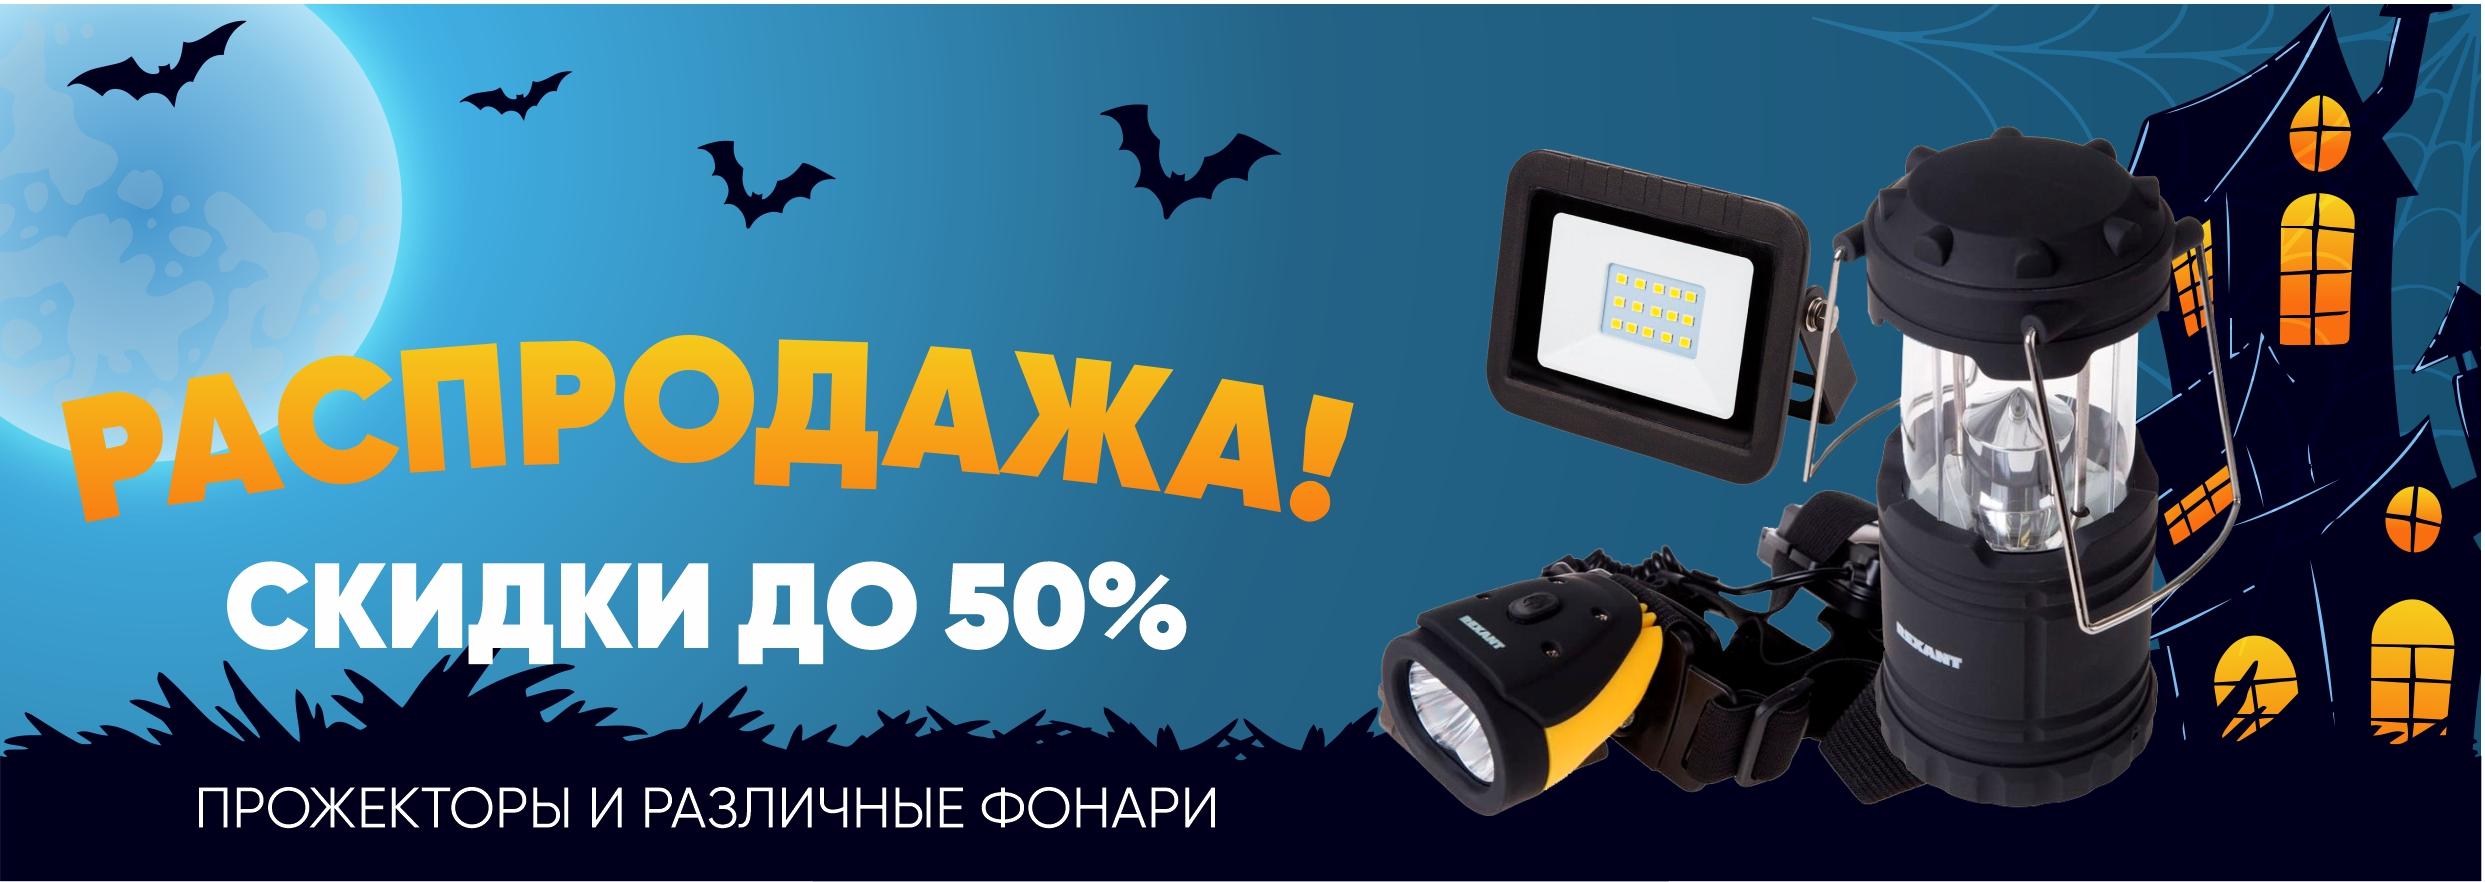 Хэллоуин рядом! А чтобы не было страшно проходить по темным улицам предлагаем осветить путь!